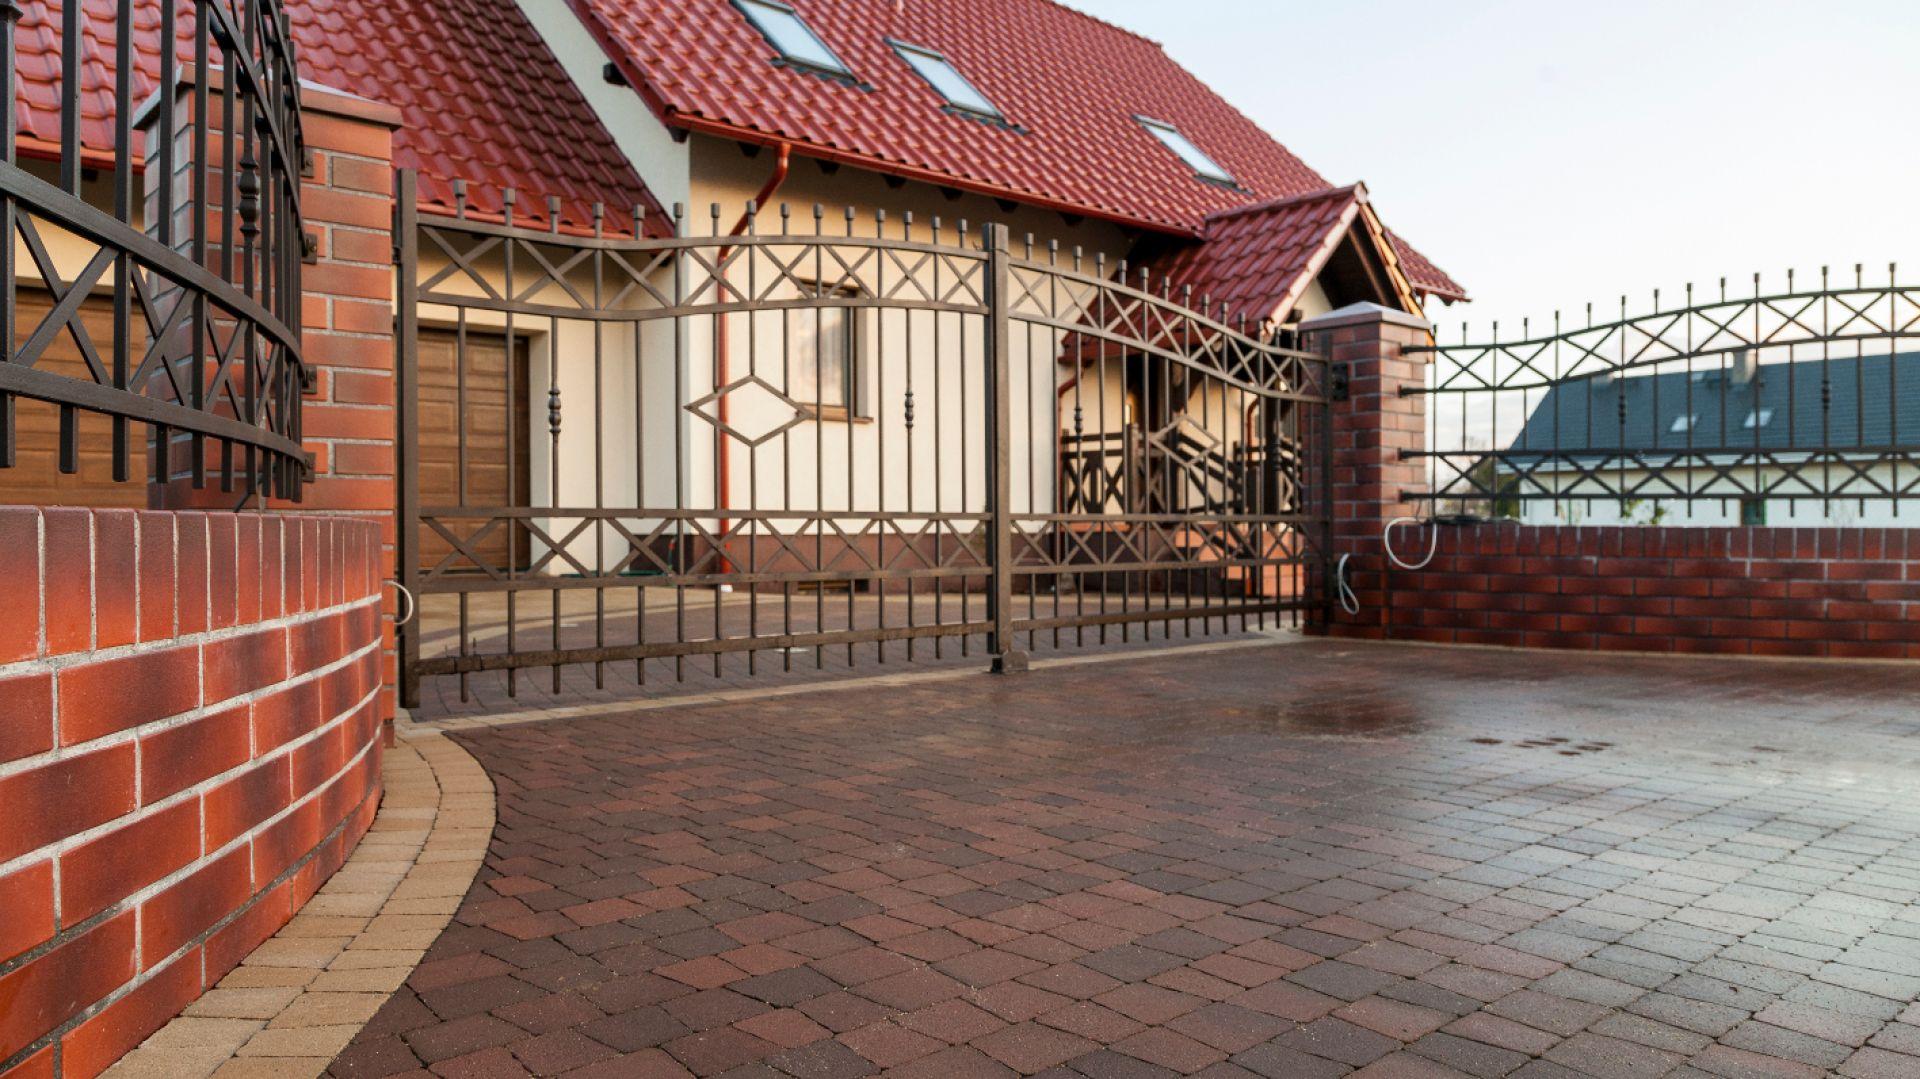 W najbardziej typowym przypadku, w którym brama znajduje się stosunkowo blisko ulicy a wjazd na posesję usytuowany jest w stosunku do niej pod kątem prostym – dobrze jest wykonać podjazd i bramę o szerokości ok. 4m. Fot. Buszrem